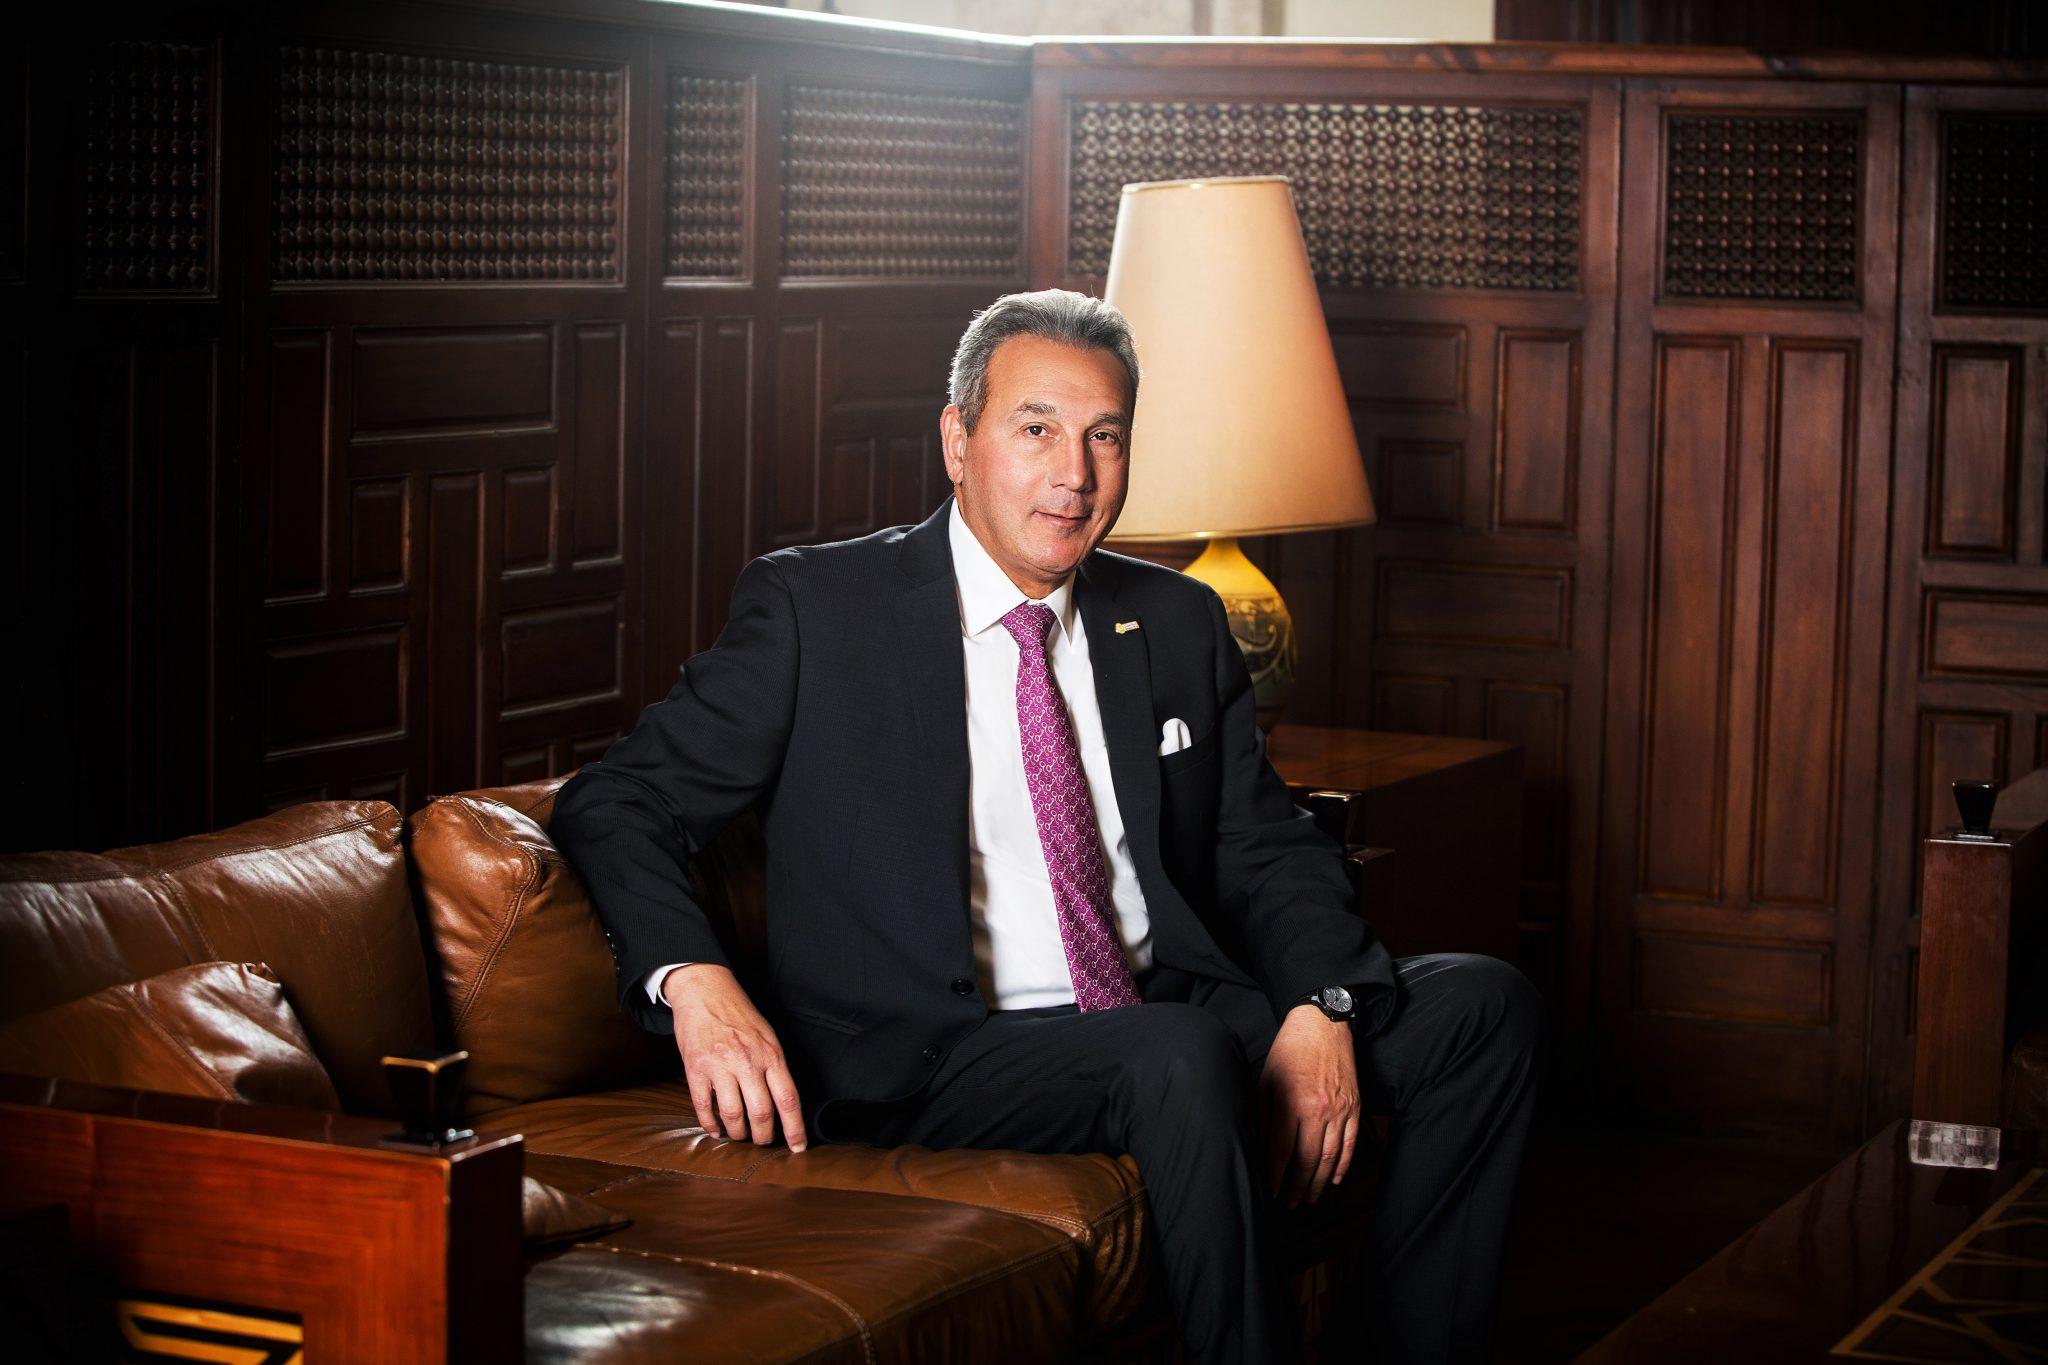 طفرة فى جميع المجالات البيان الكامل لنتائج أعمال بنك مصر